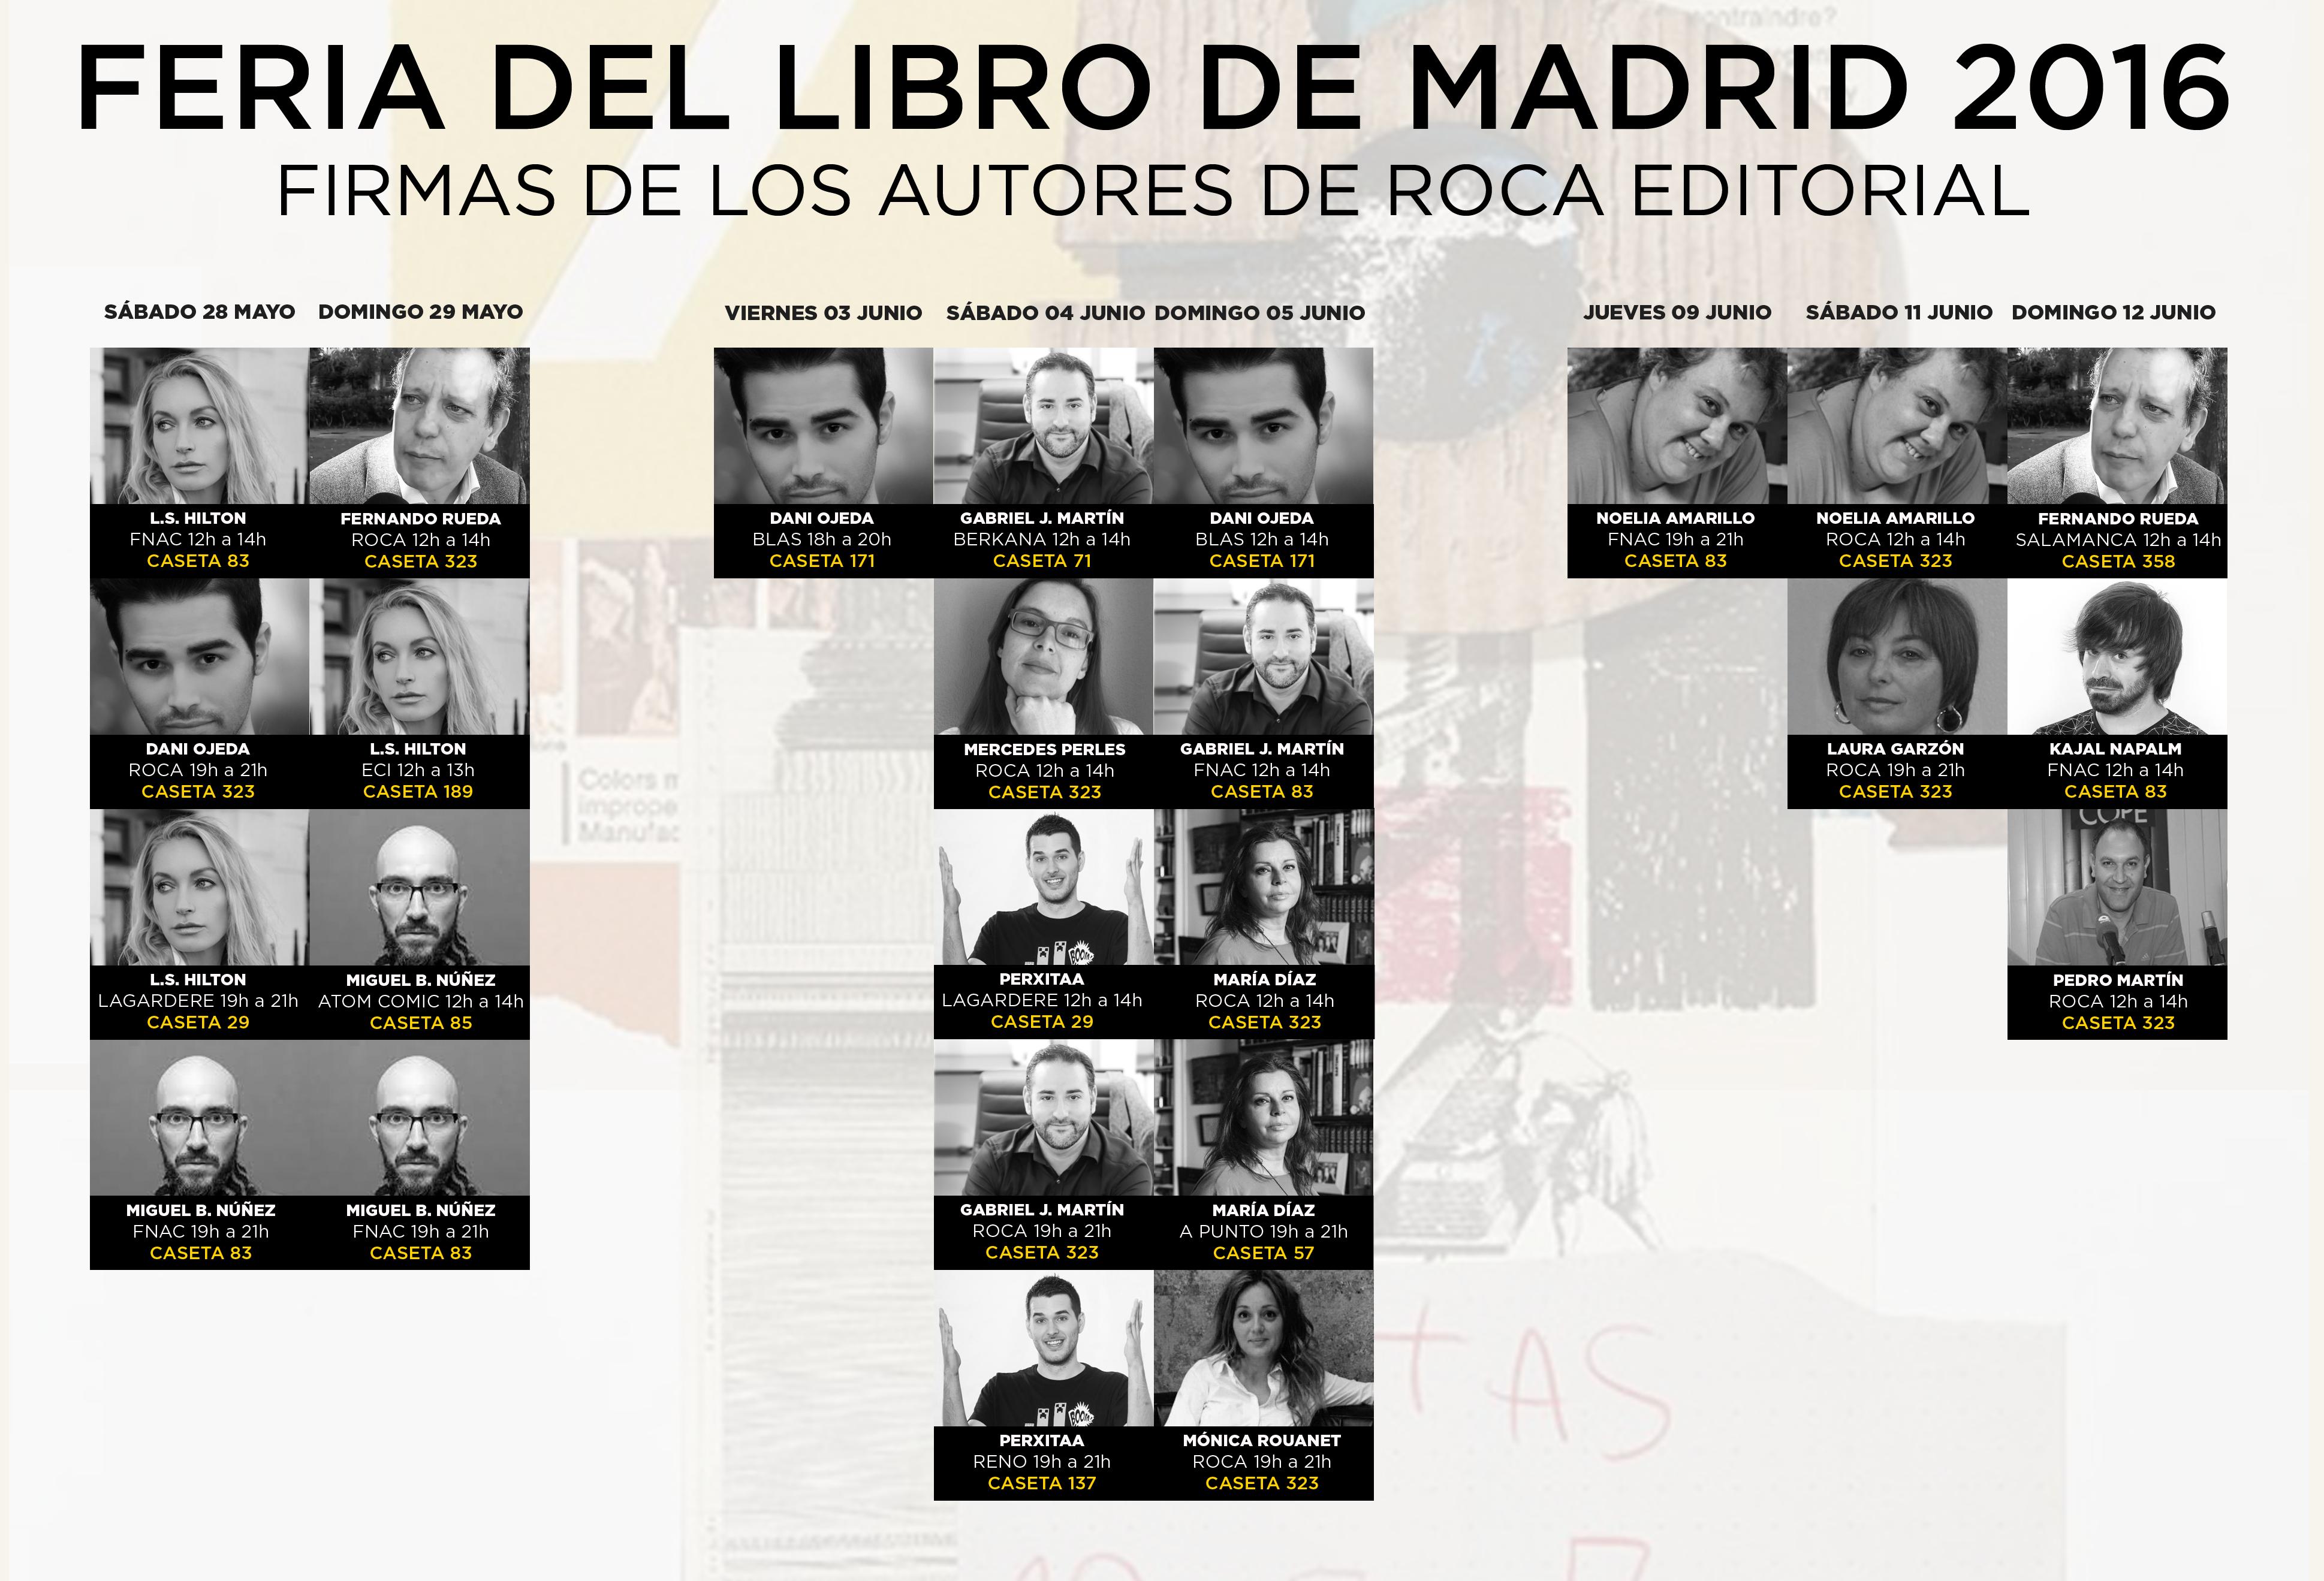 Horarios firmas autores de Roca Editorial en la FLM16